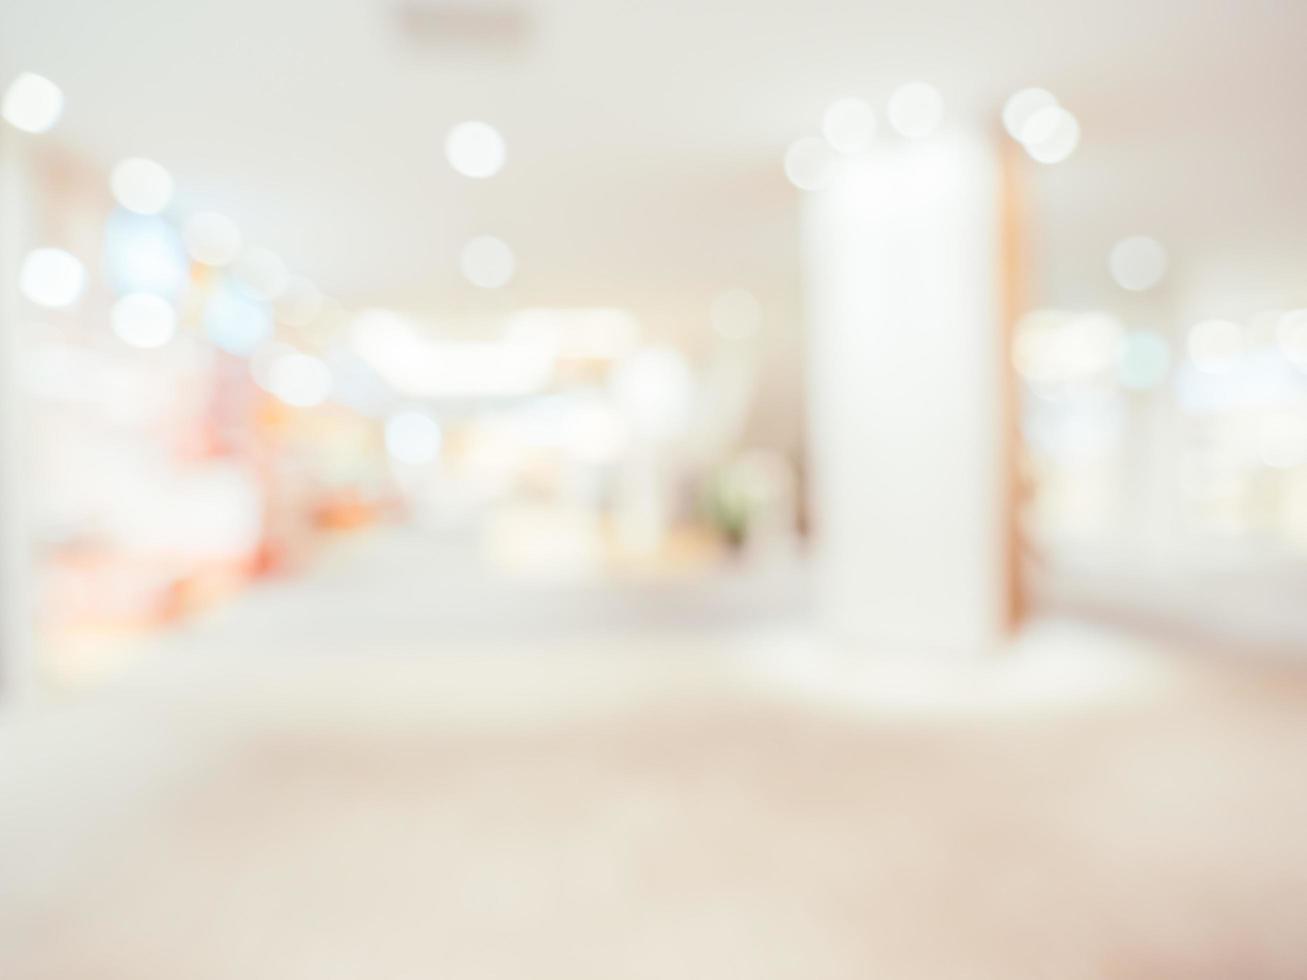 fond de centre commercial abstrait défocalisé photo